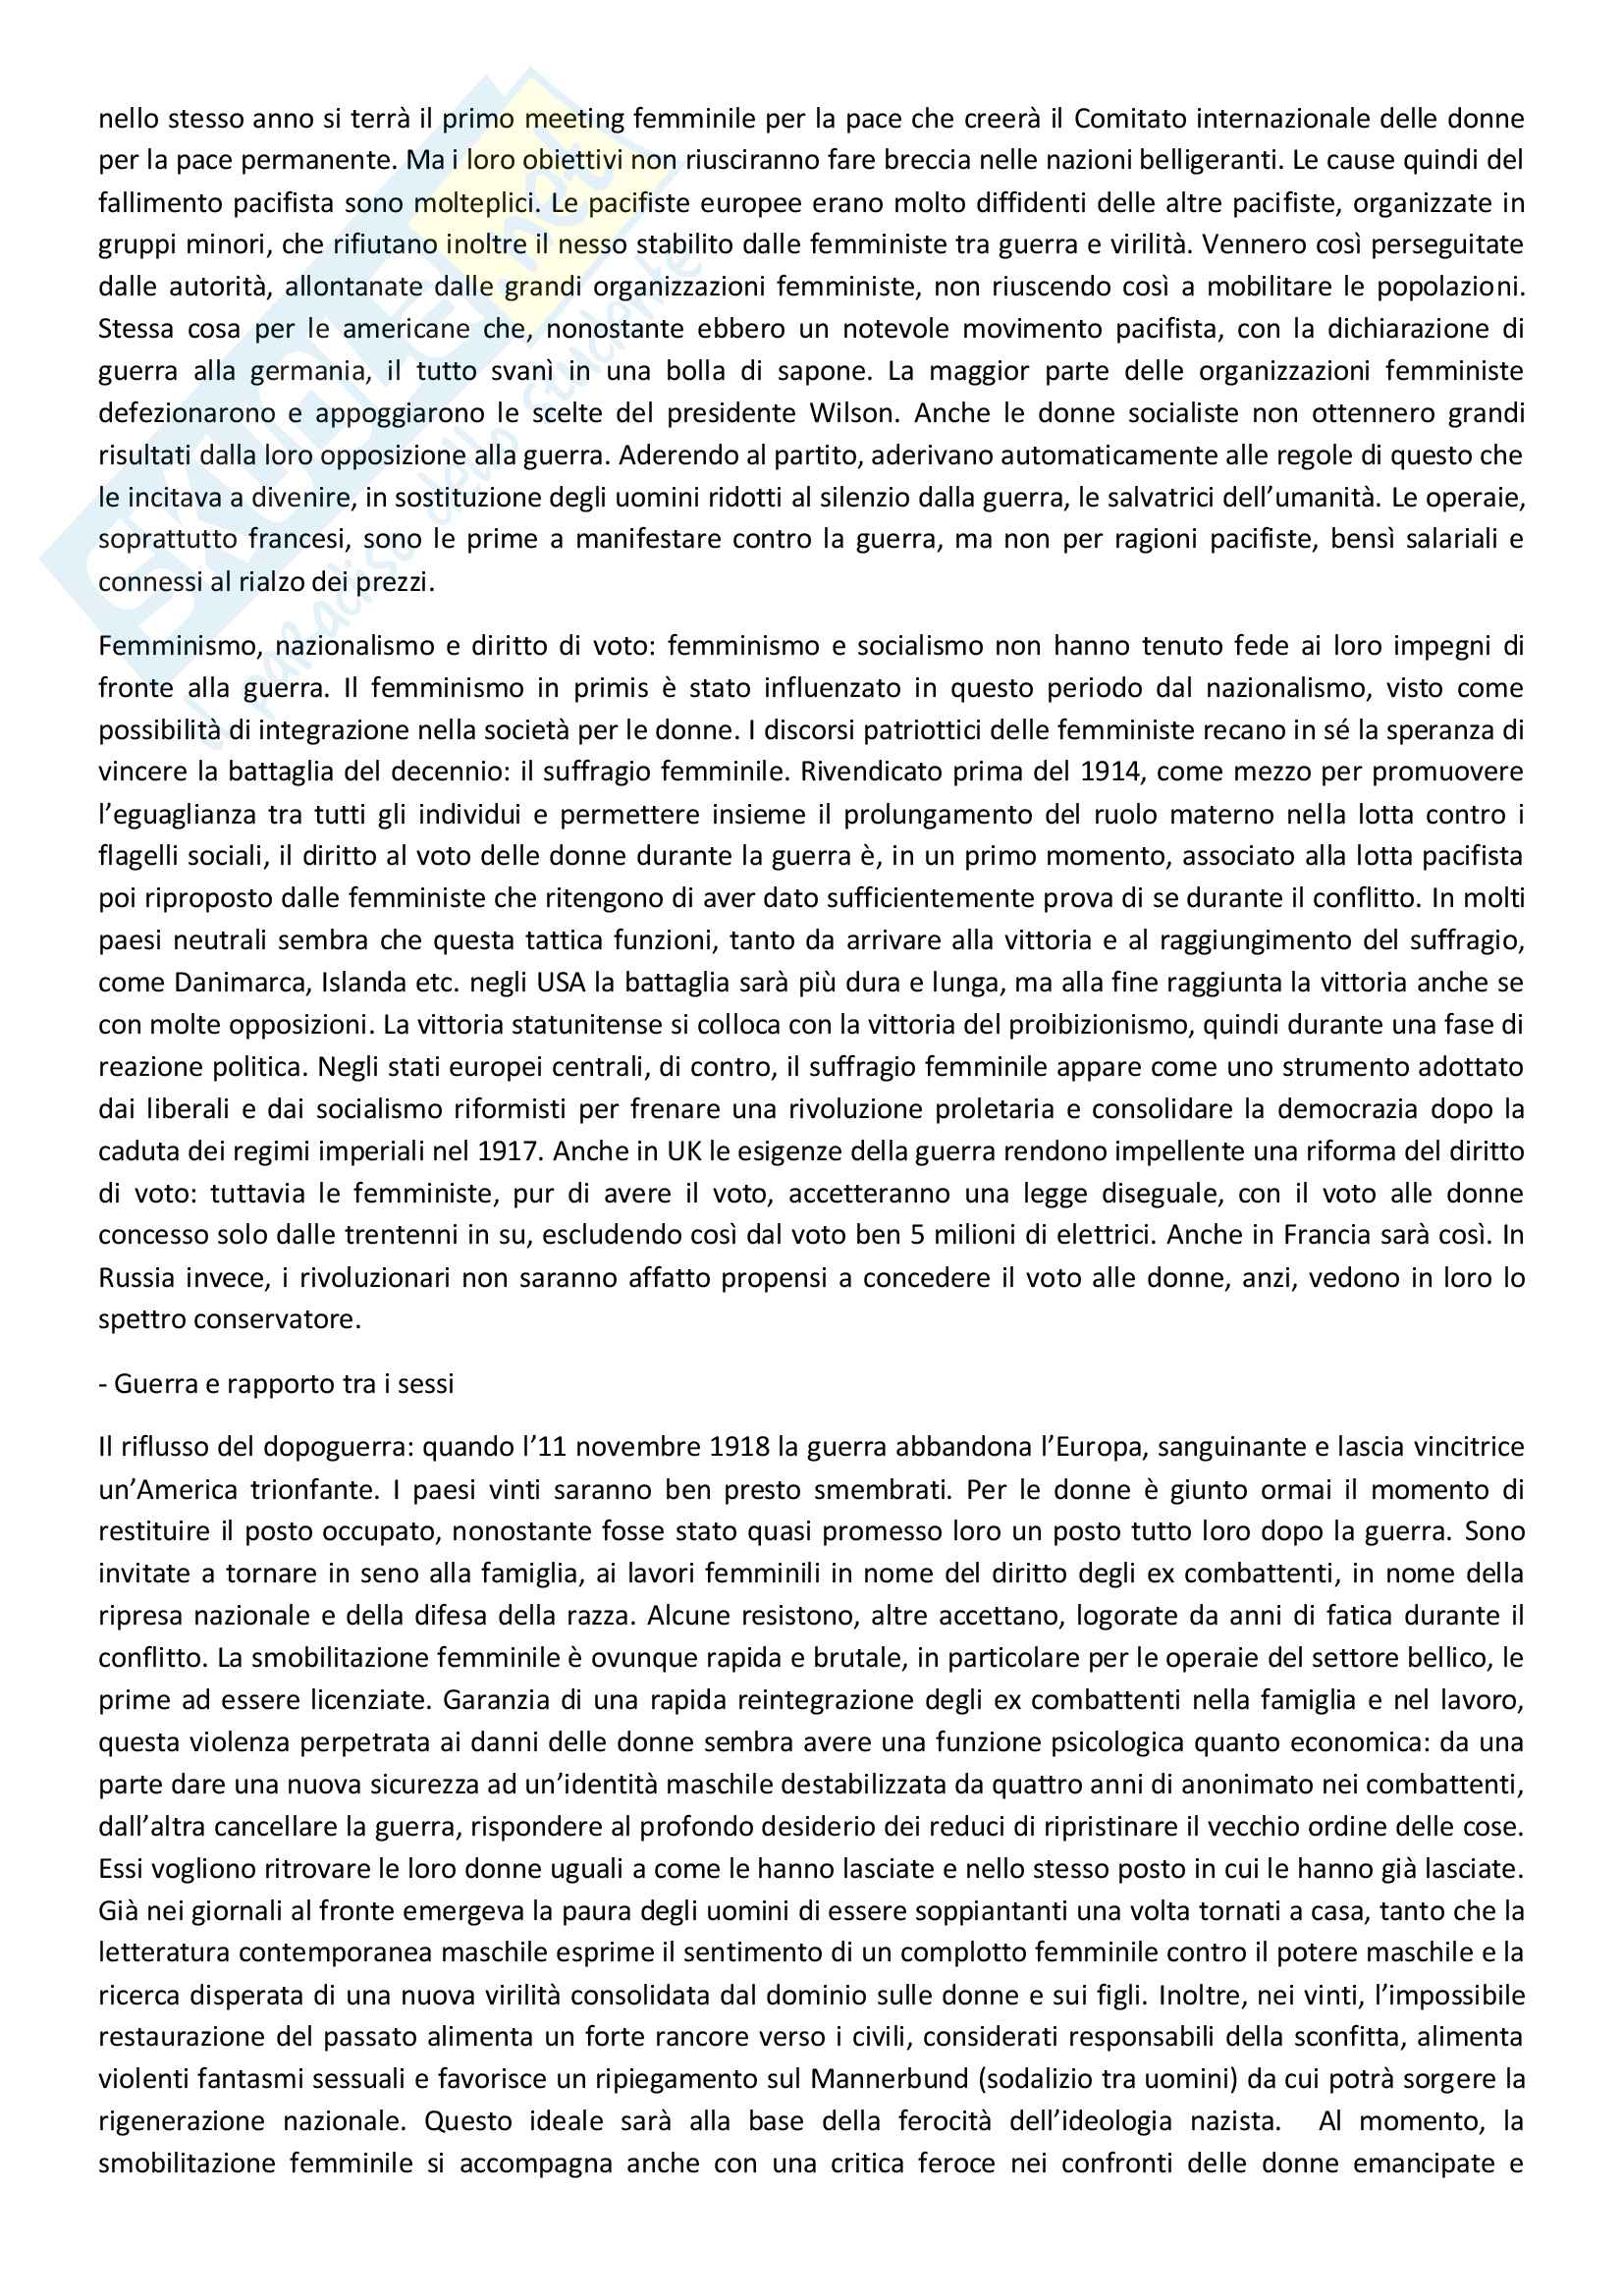 Sunto di storia contemporanea, docente Adorni, libro consigliato Storia delle donne in Occidente - Il Novecento, Autore Duby, Perrot Pag. 6